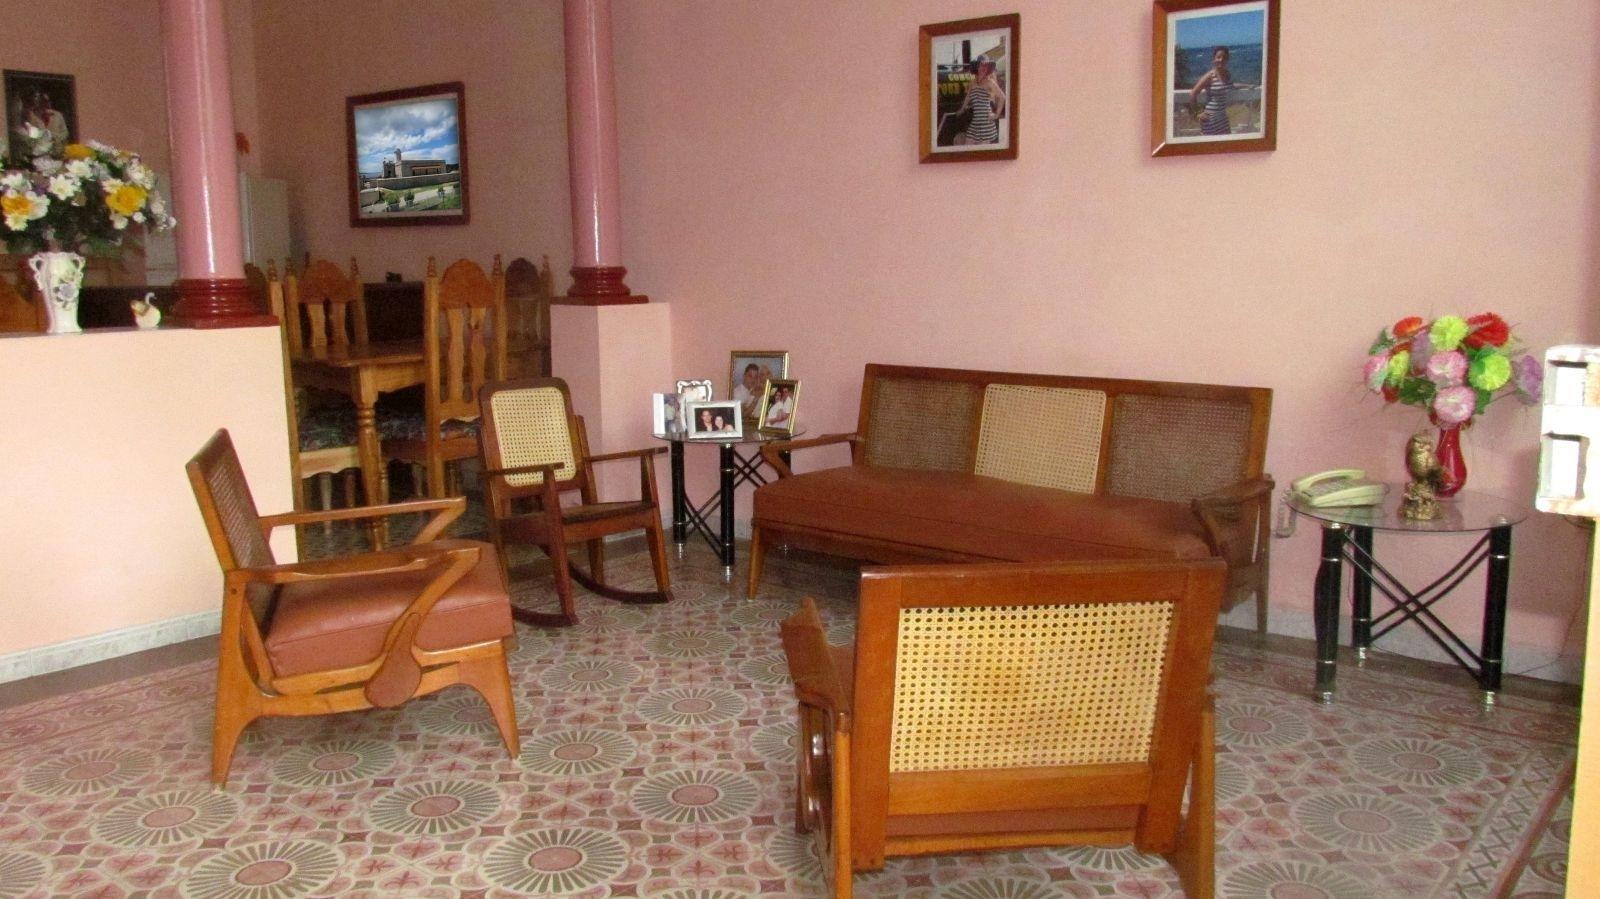 Hostal idania Appartement 1 Ferienwohnung in Mittelamerika und Karibik